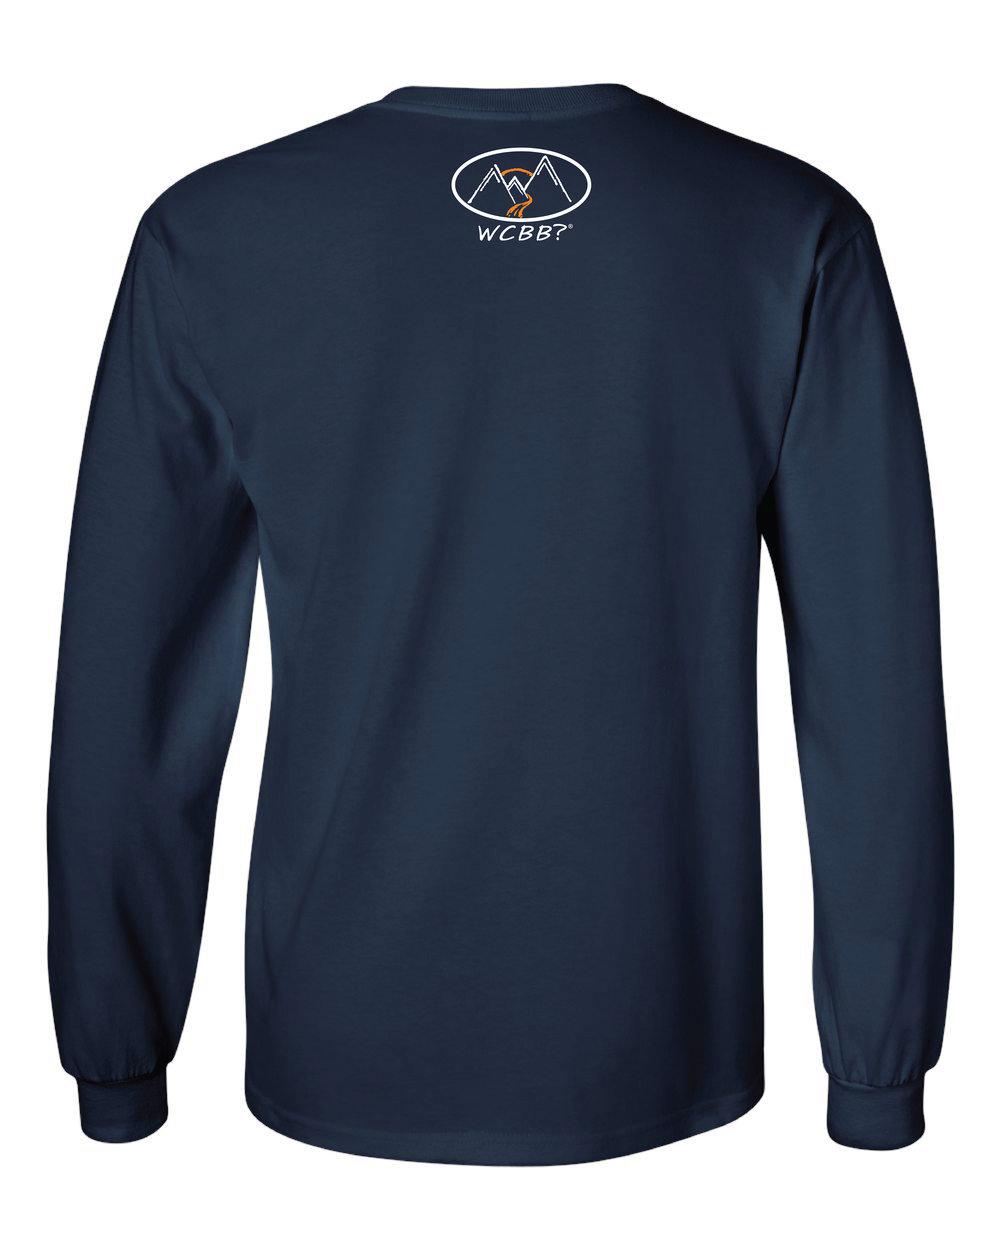 WCBB LS Navy Tshirt - Back.jpg